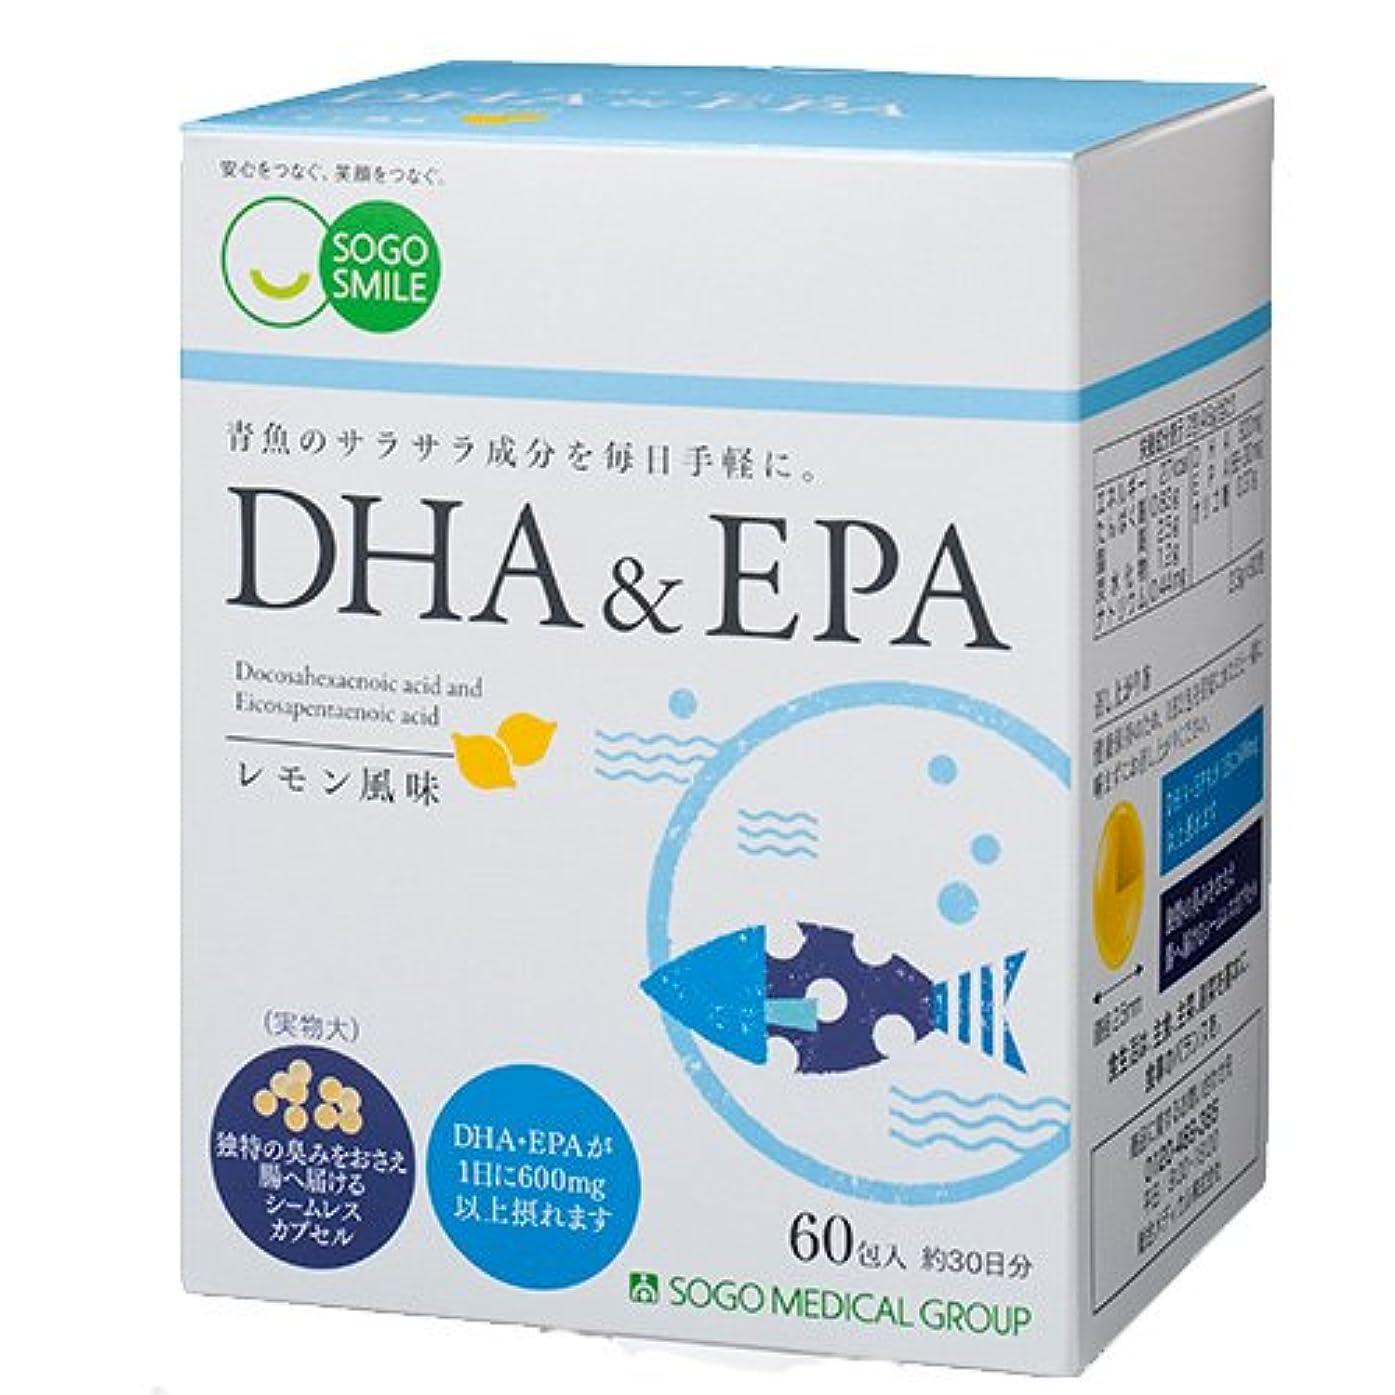 神秘的な涙が出るロードハウス総合メディカル DHA&EPA(2.3g ×60 包)DHA含有精製魚油加工食品